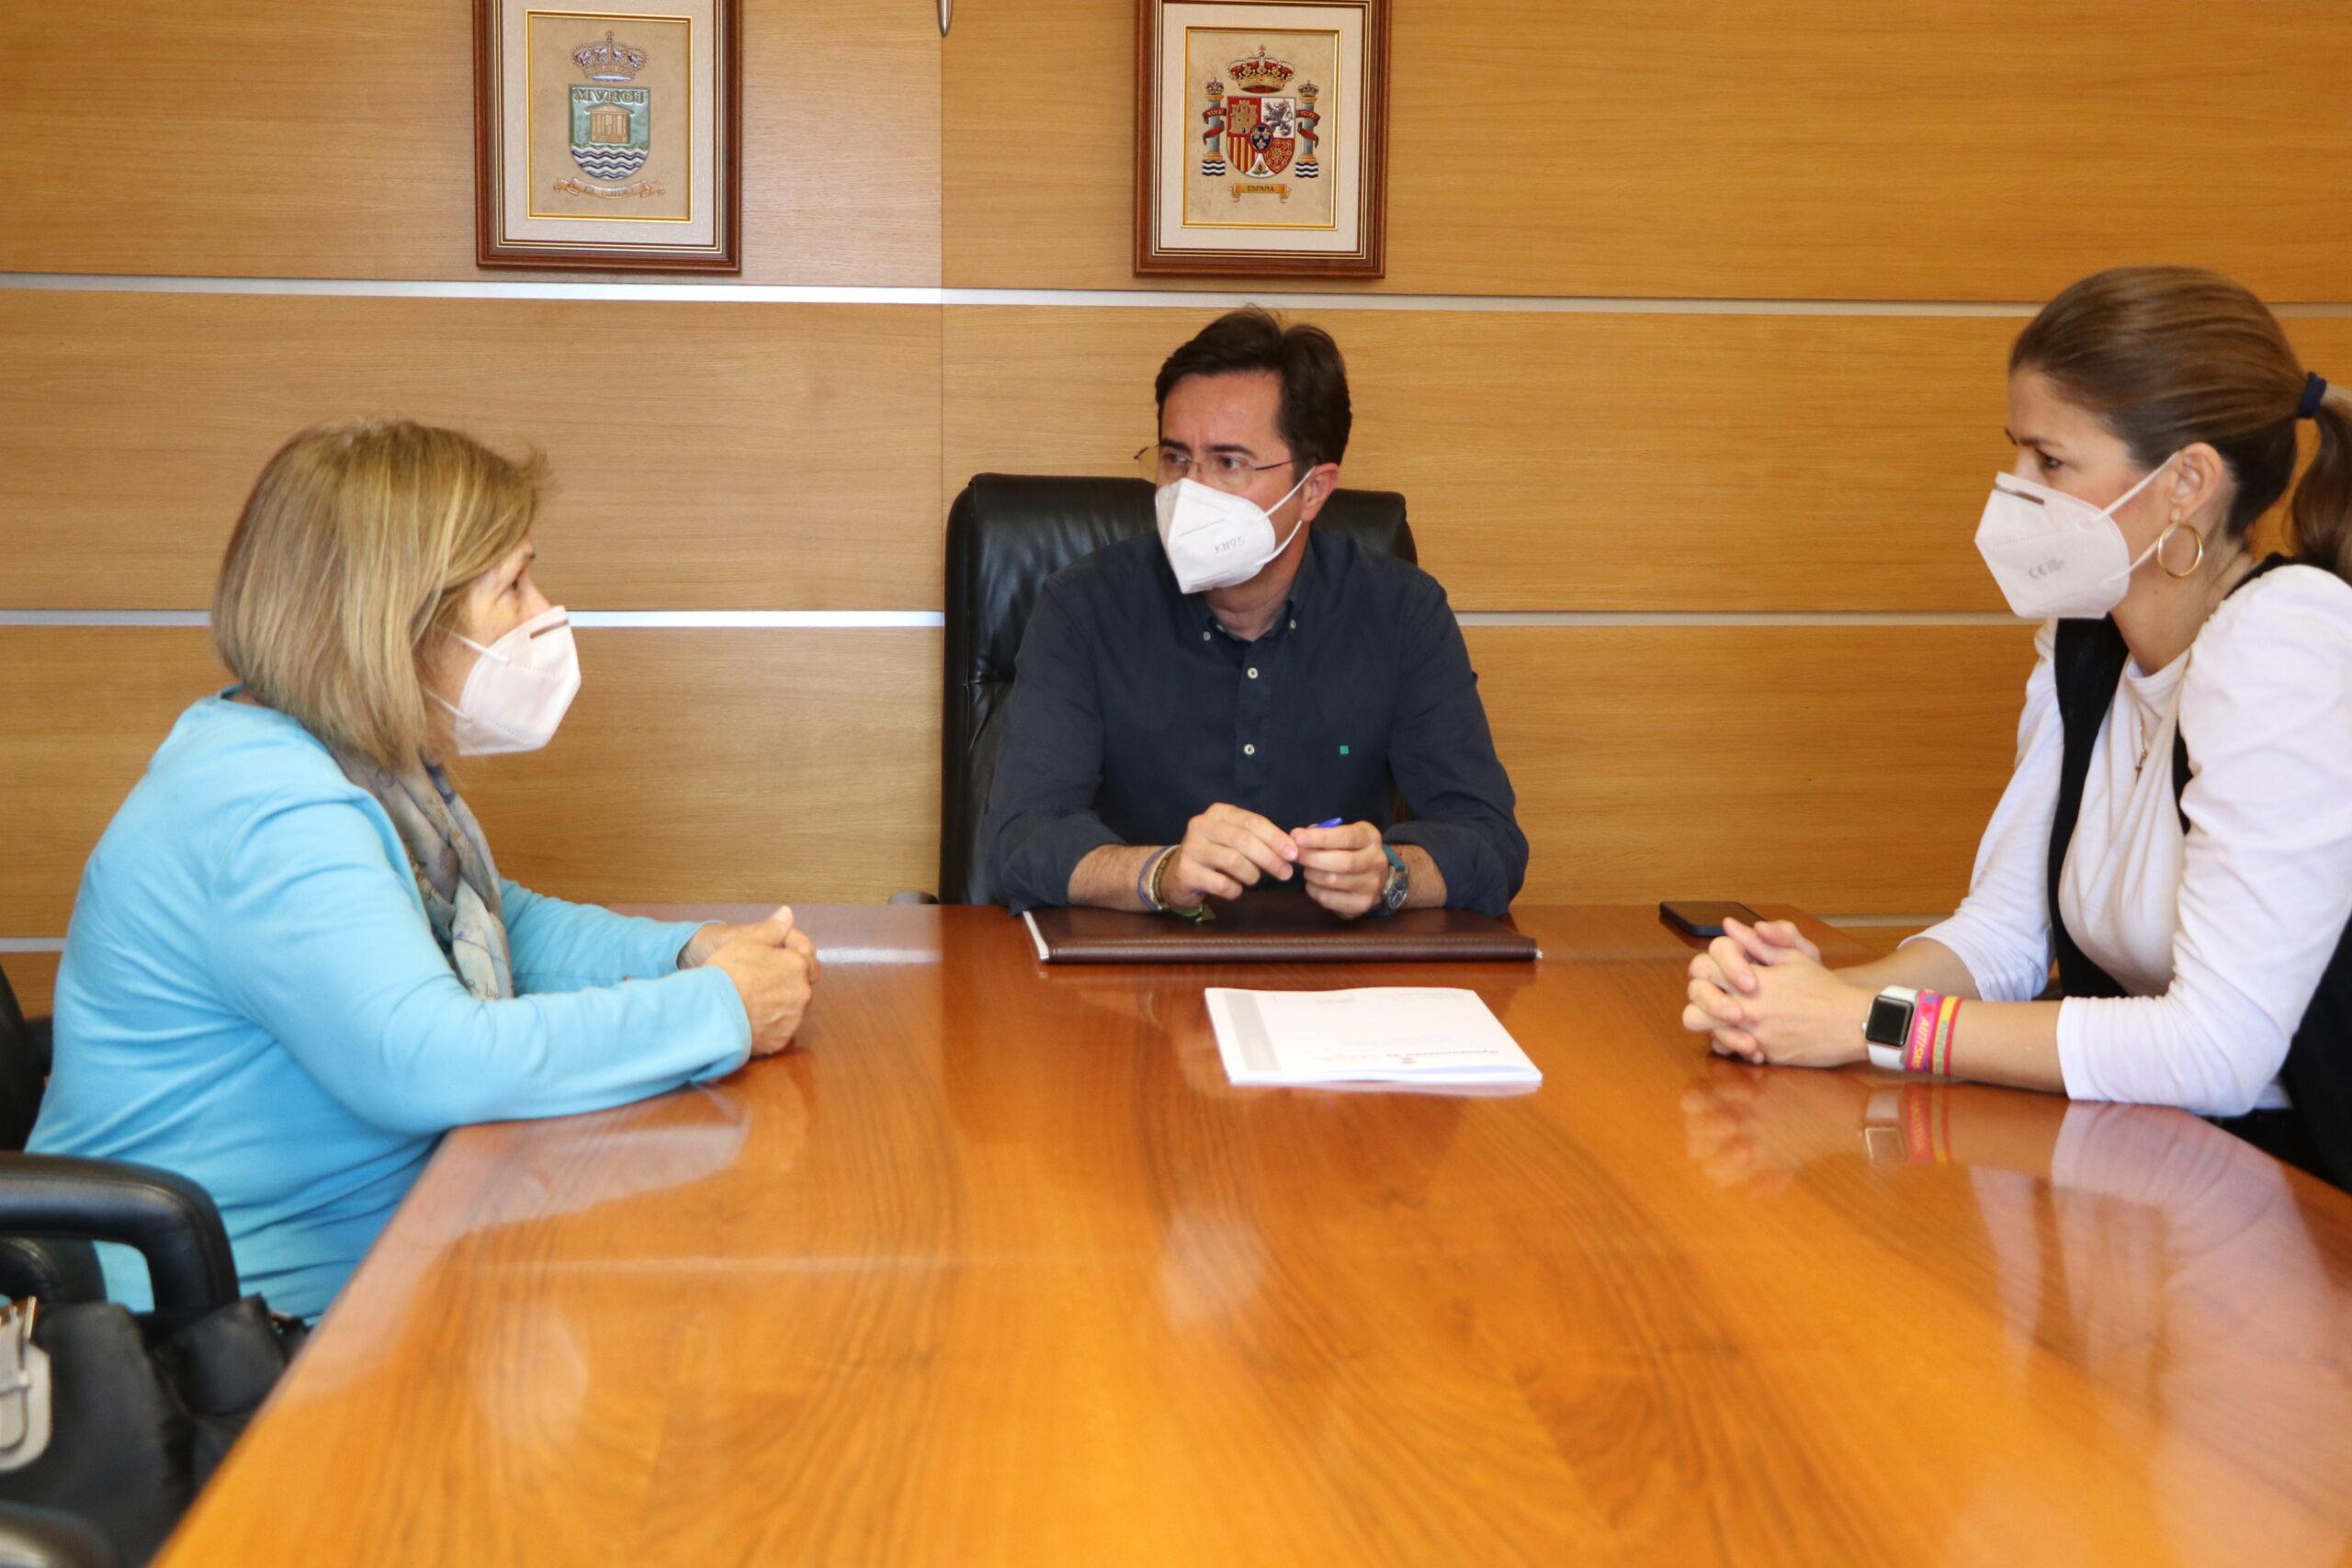 El Ayuntamiento firma dos convenios de colaboración con ASPERGER Almería para asesoramiento psicológico y jurídico y apoyo de comunicación